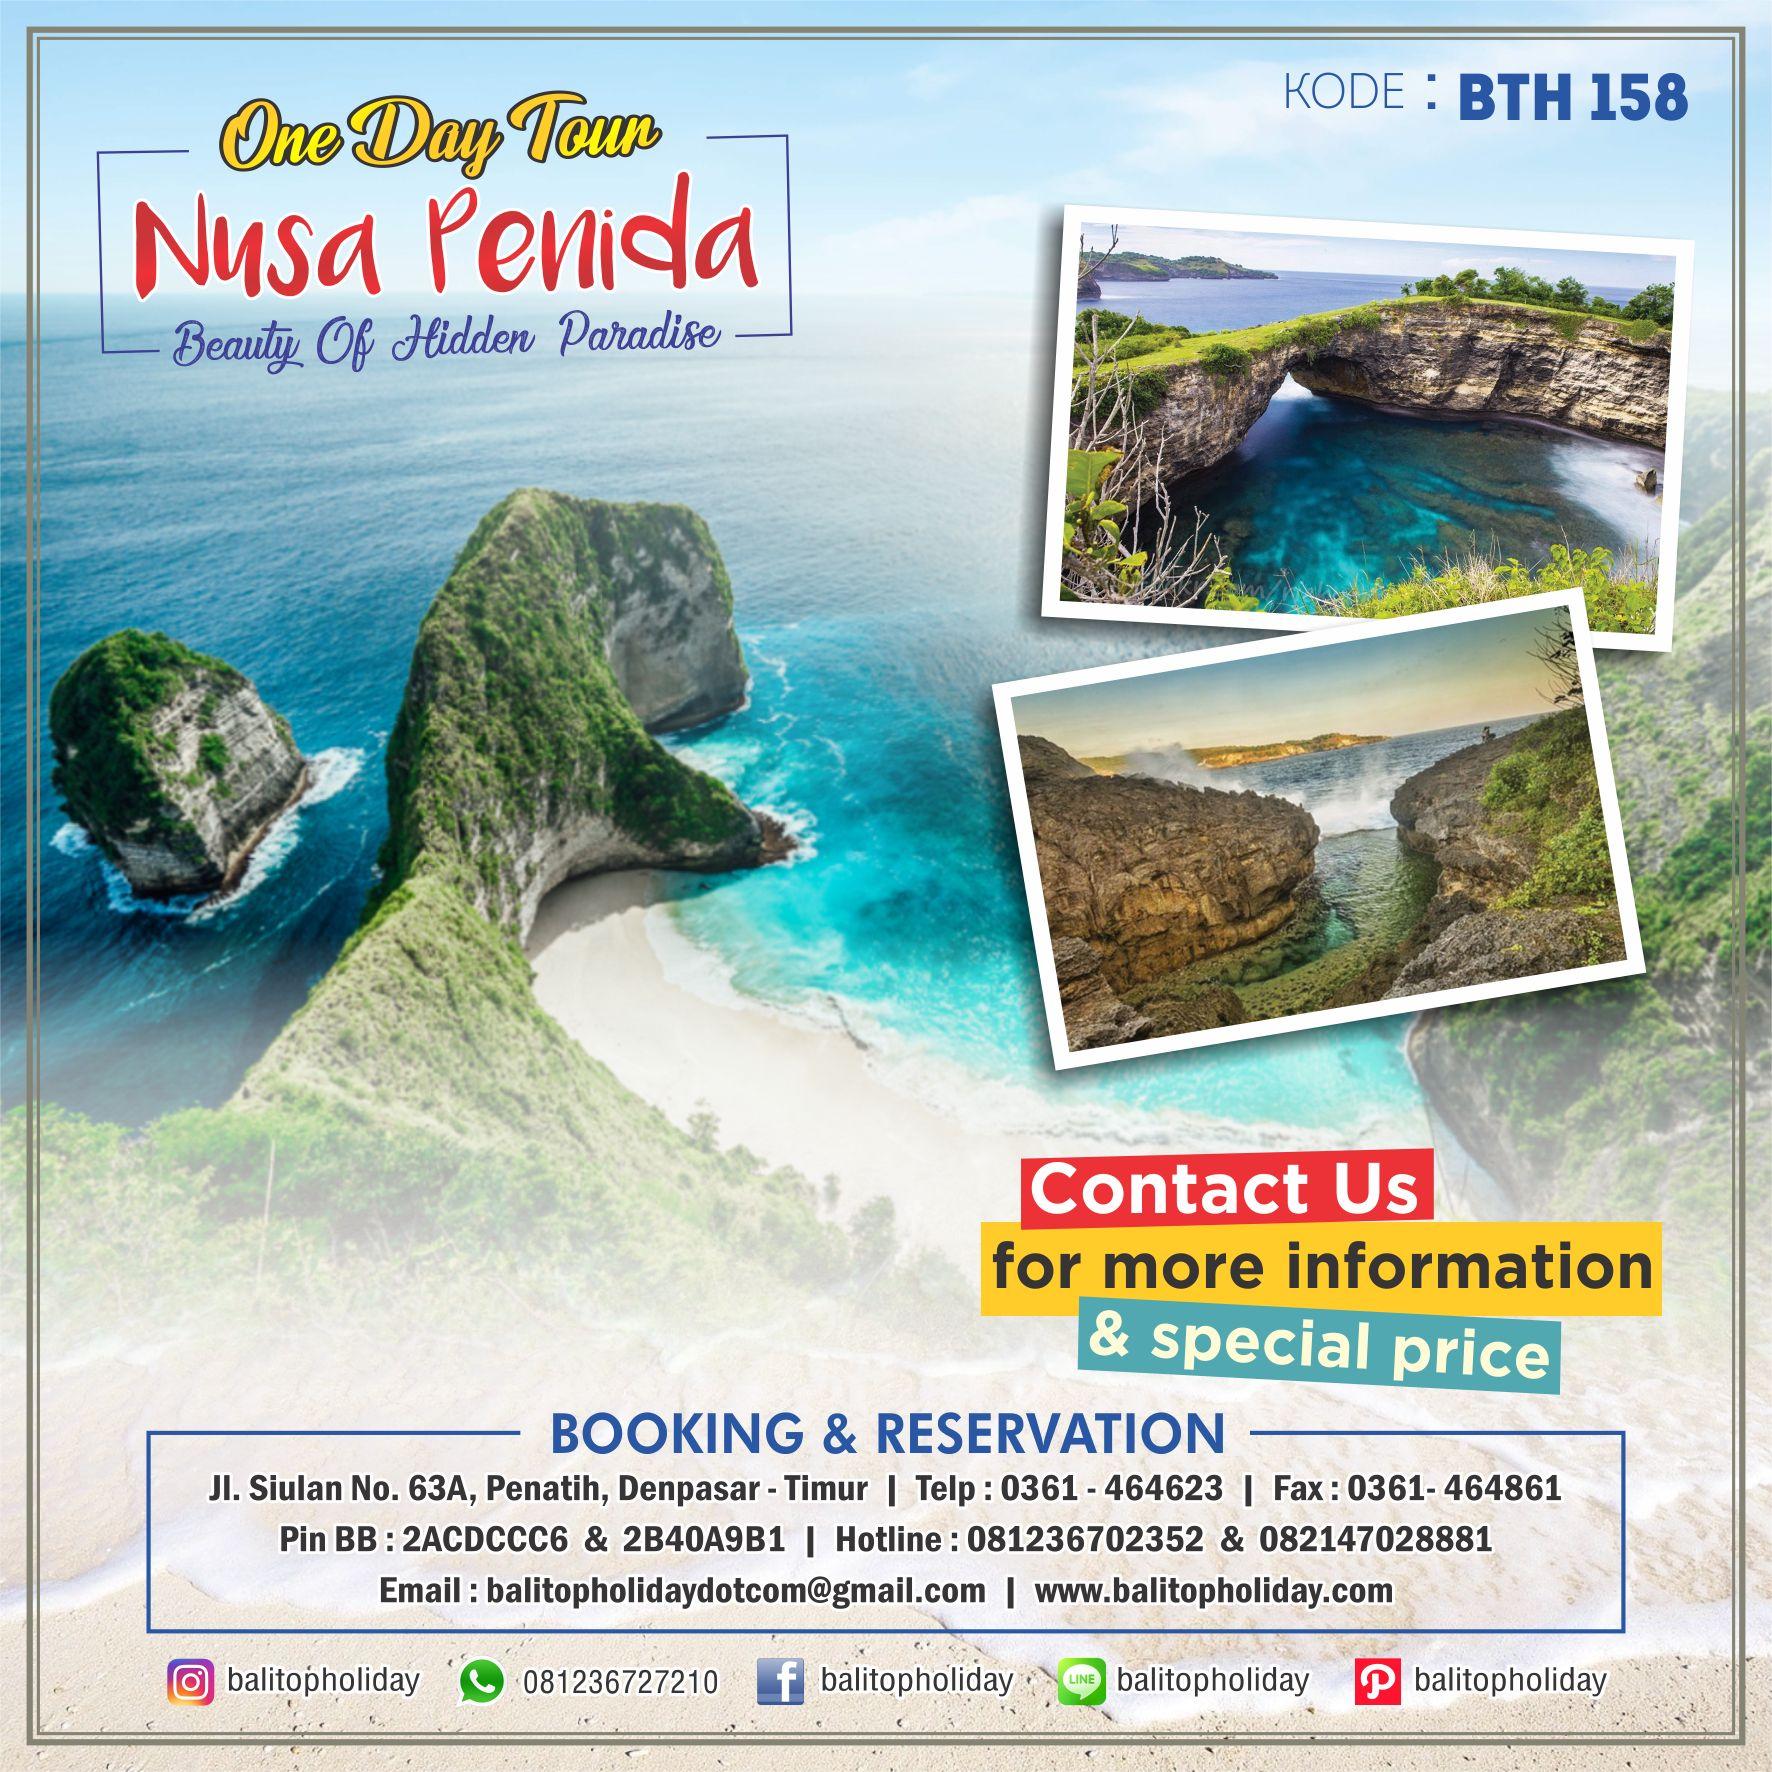 Daftar Paket Tour Bali 1 Hari (Paket 1 Hari Tanpa Hotel)